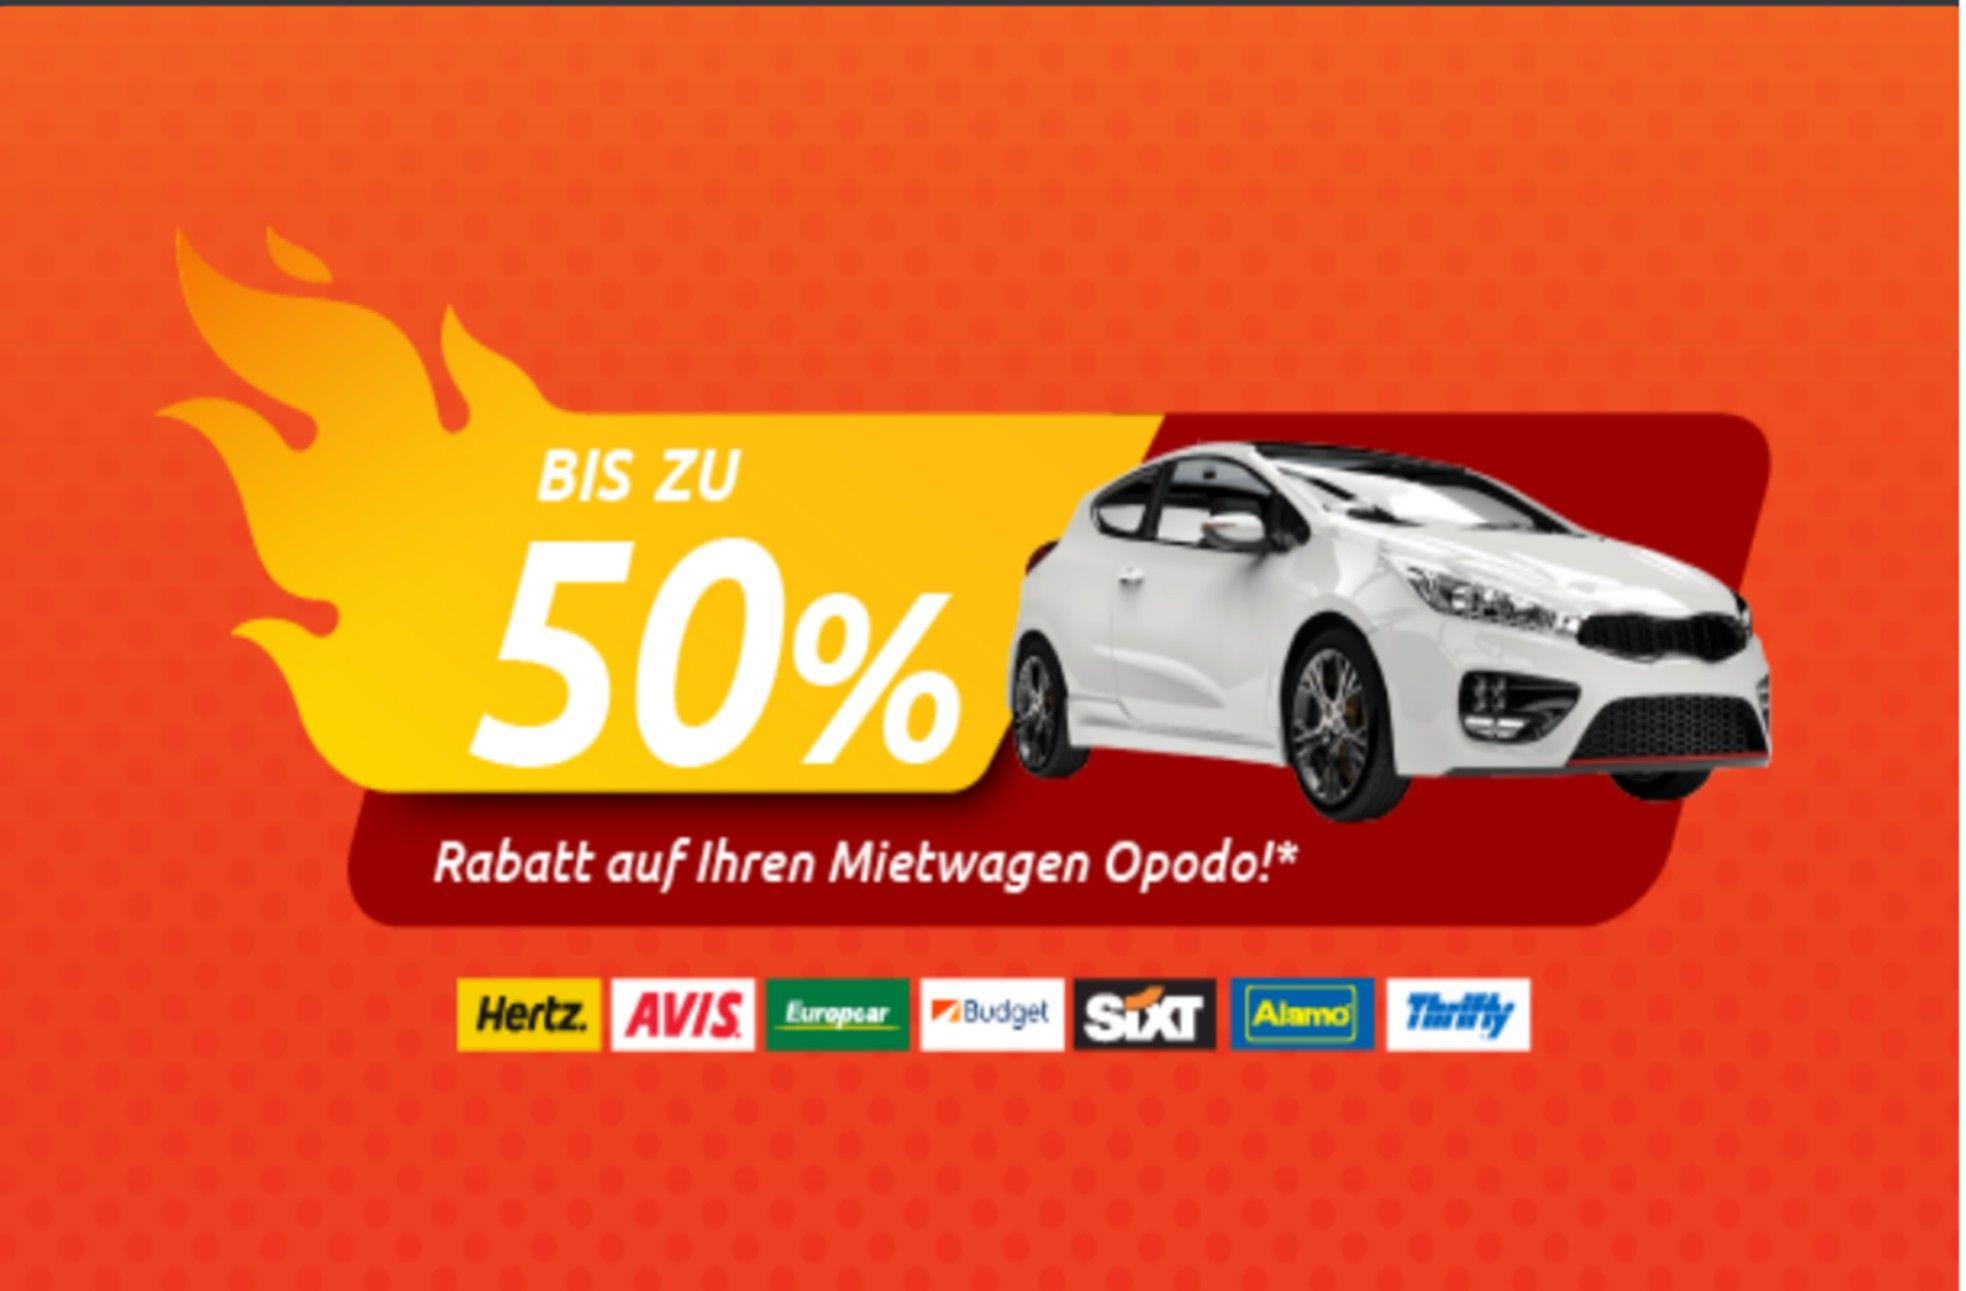 Opodo 50% Rabatt bei Mietwagen (max.2Tage, ab dem 01.09.) An ausgewählten Flughäfen und Innenstädten.